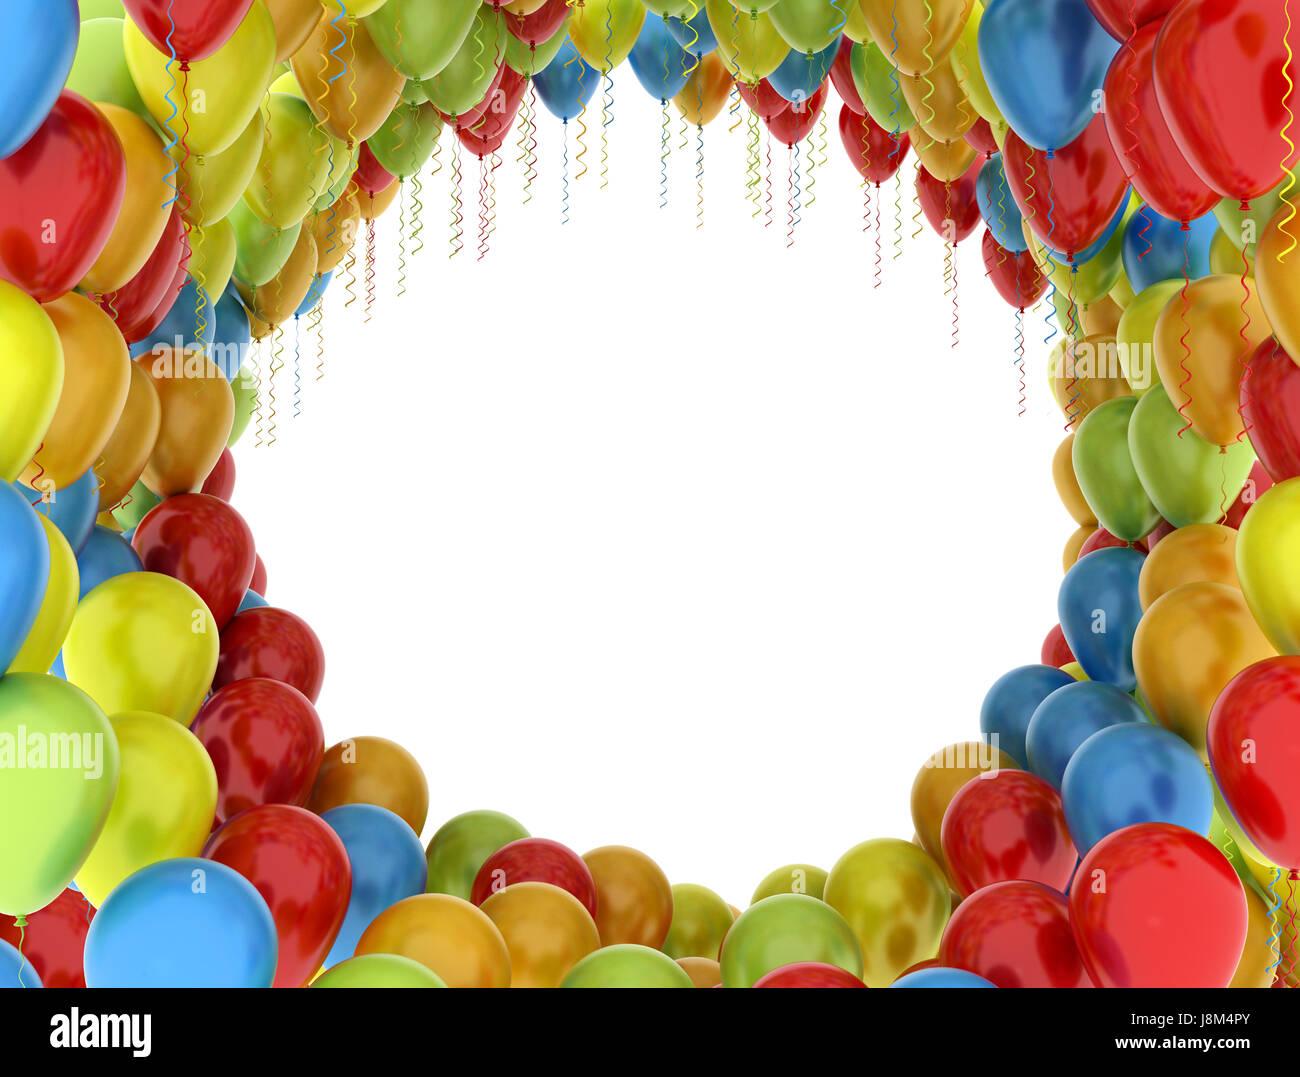 Party, Feier, Ballons, Ballon, Rahmen, Gruppe, Farben, Farben, weiß ...